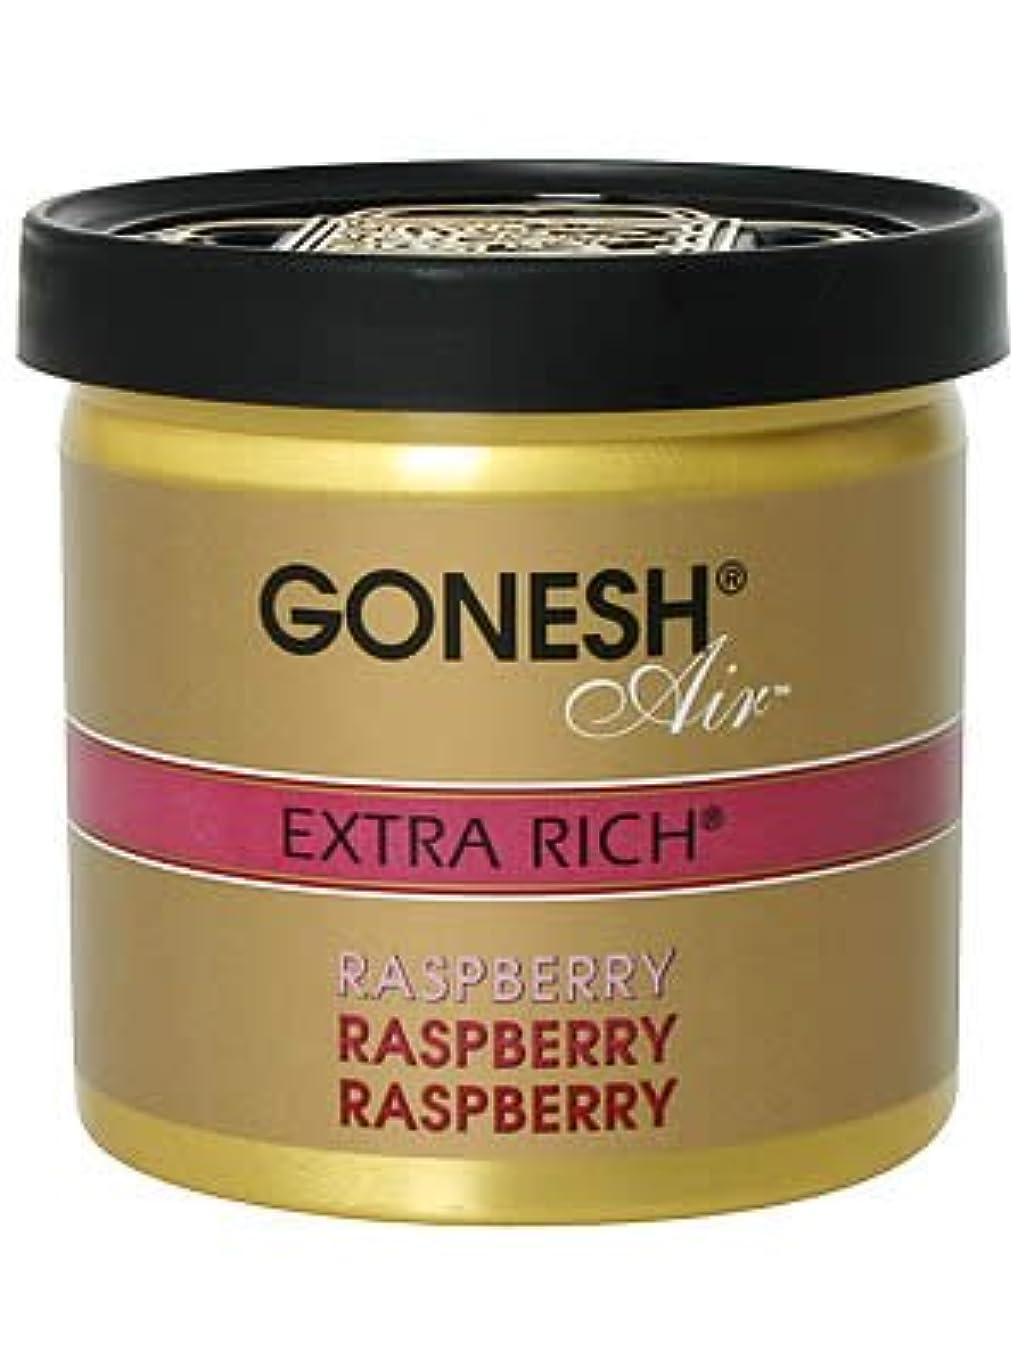 活気づく剥ぎ取るステッチガーネッシュ(GONESH) ゲルエアフレッシュナー ラズベリー 78g